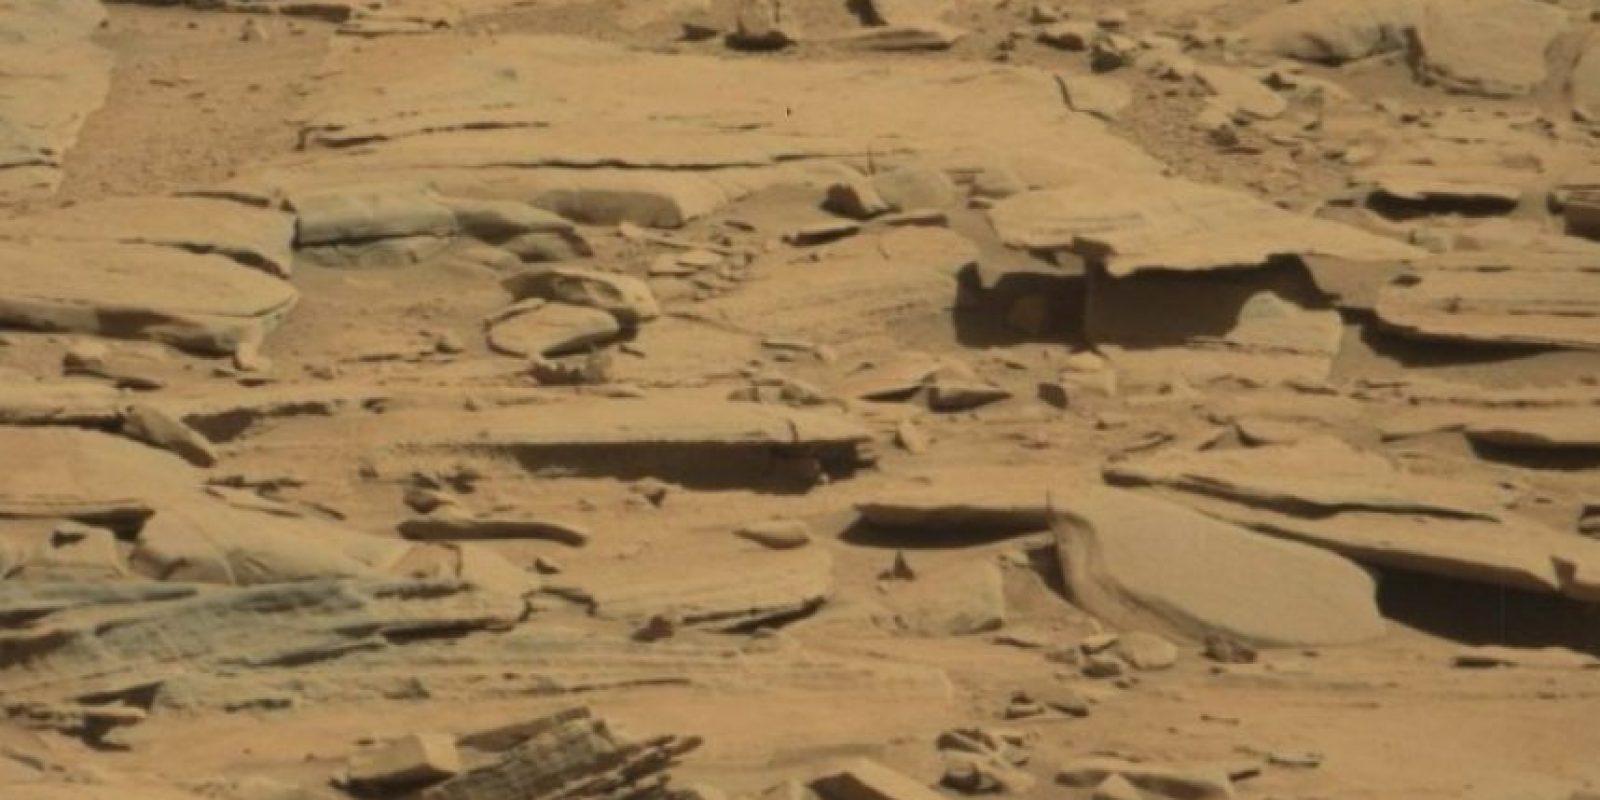 Se descubrió en agosto de 2014 Foto:. Foto original en http://mars.jpl.nasa.gov/msl-raw-images/msss/00601/mcam/0601MR0025370020400768E01_DXXX.jpg